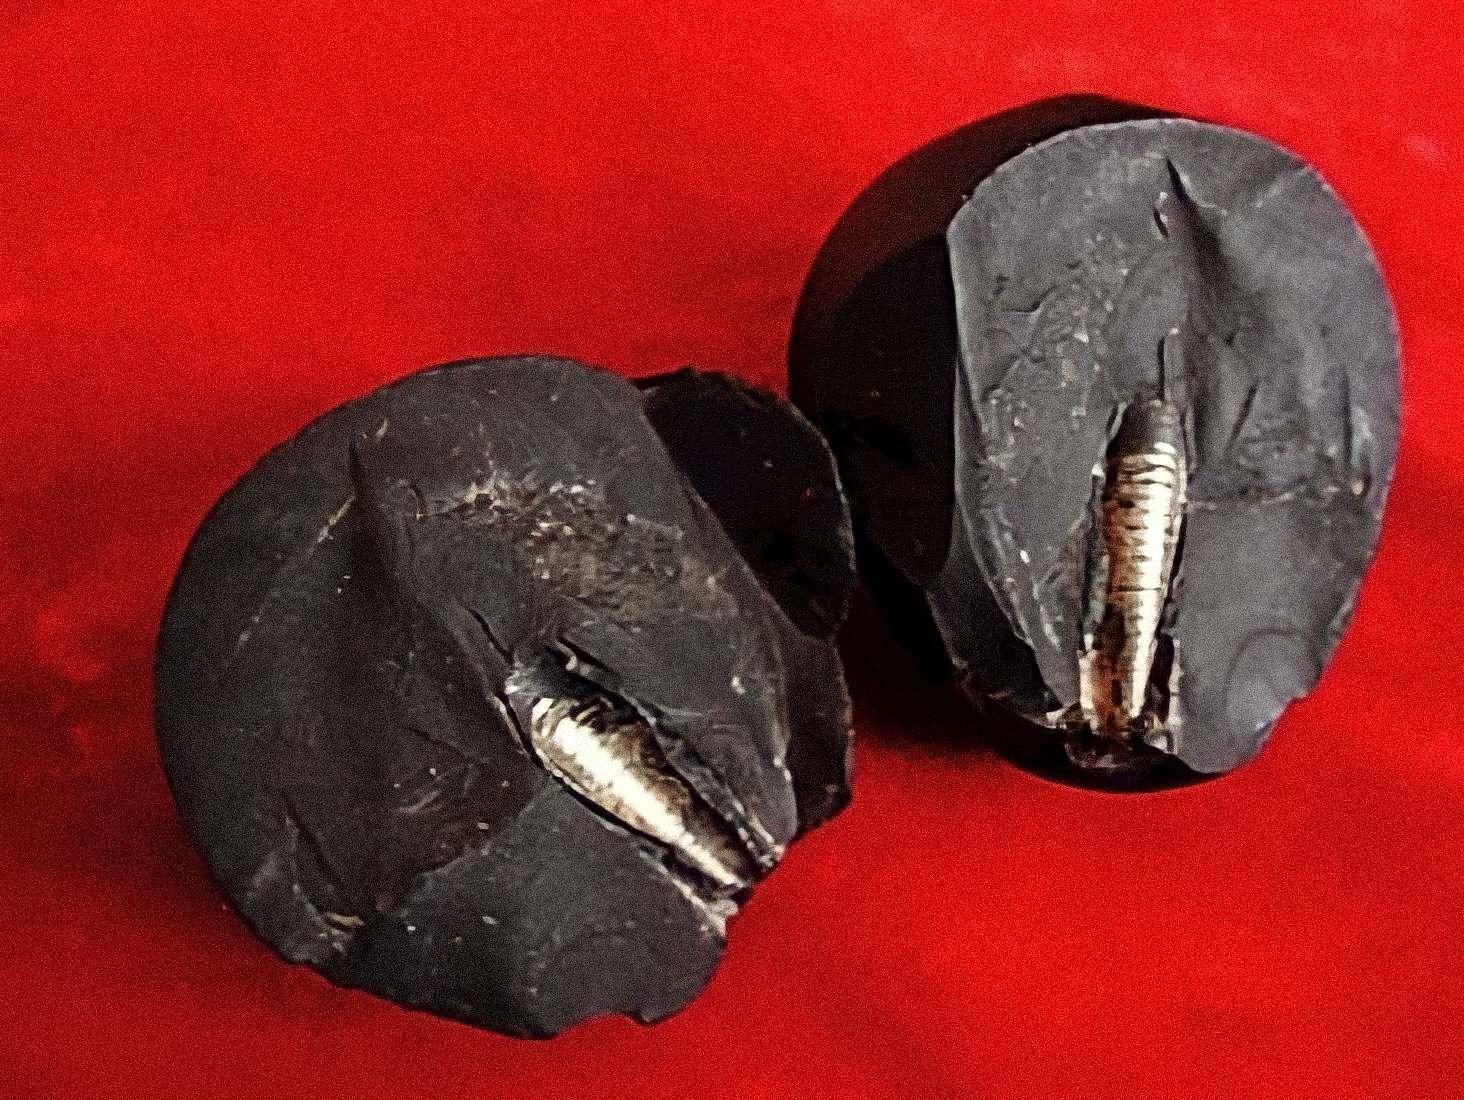 La pierre de Lanzhou : Cette pierre rare d'un collectionneur de Lanzhou a attiré l'attention de nombreux experts et collectionneurs. La pierre a été incrustée d'une barre de métal filetée et est soupçonnée d'être venue de l'espace.